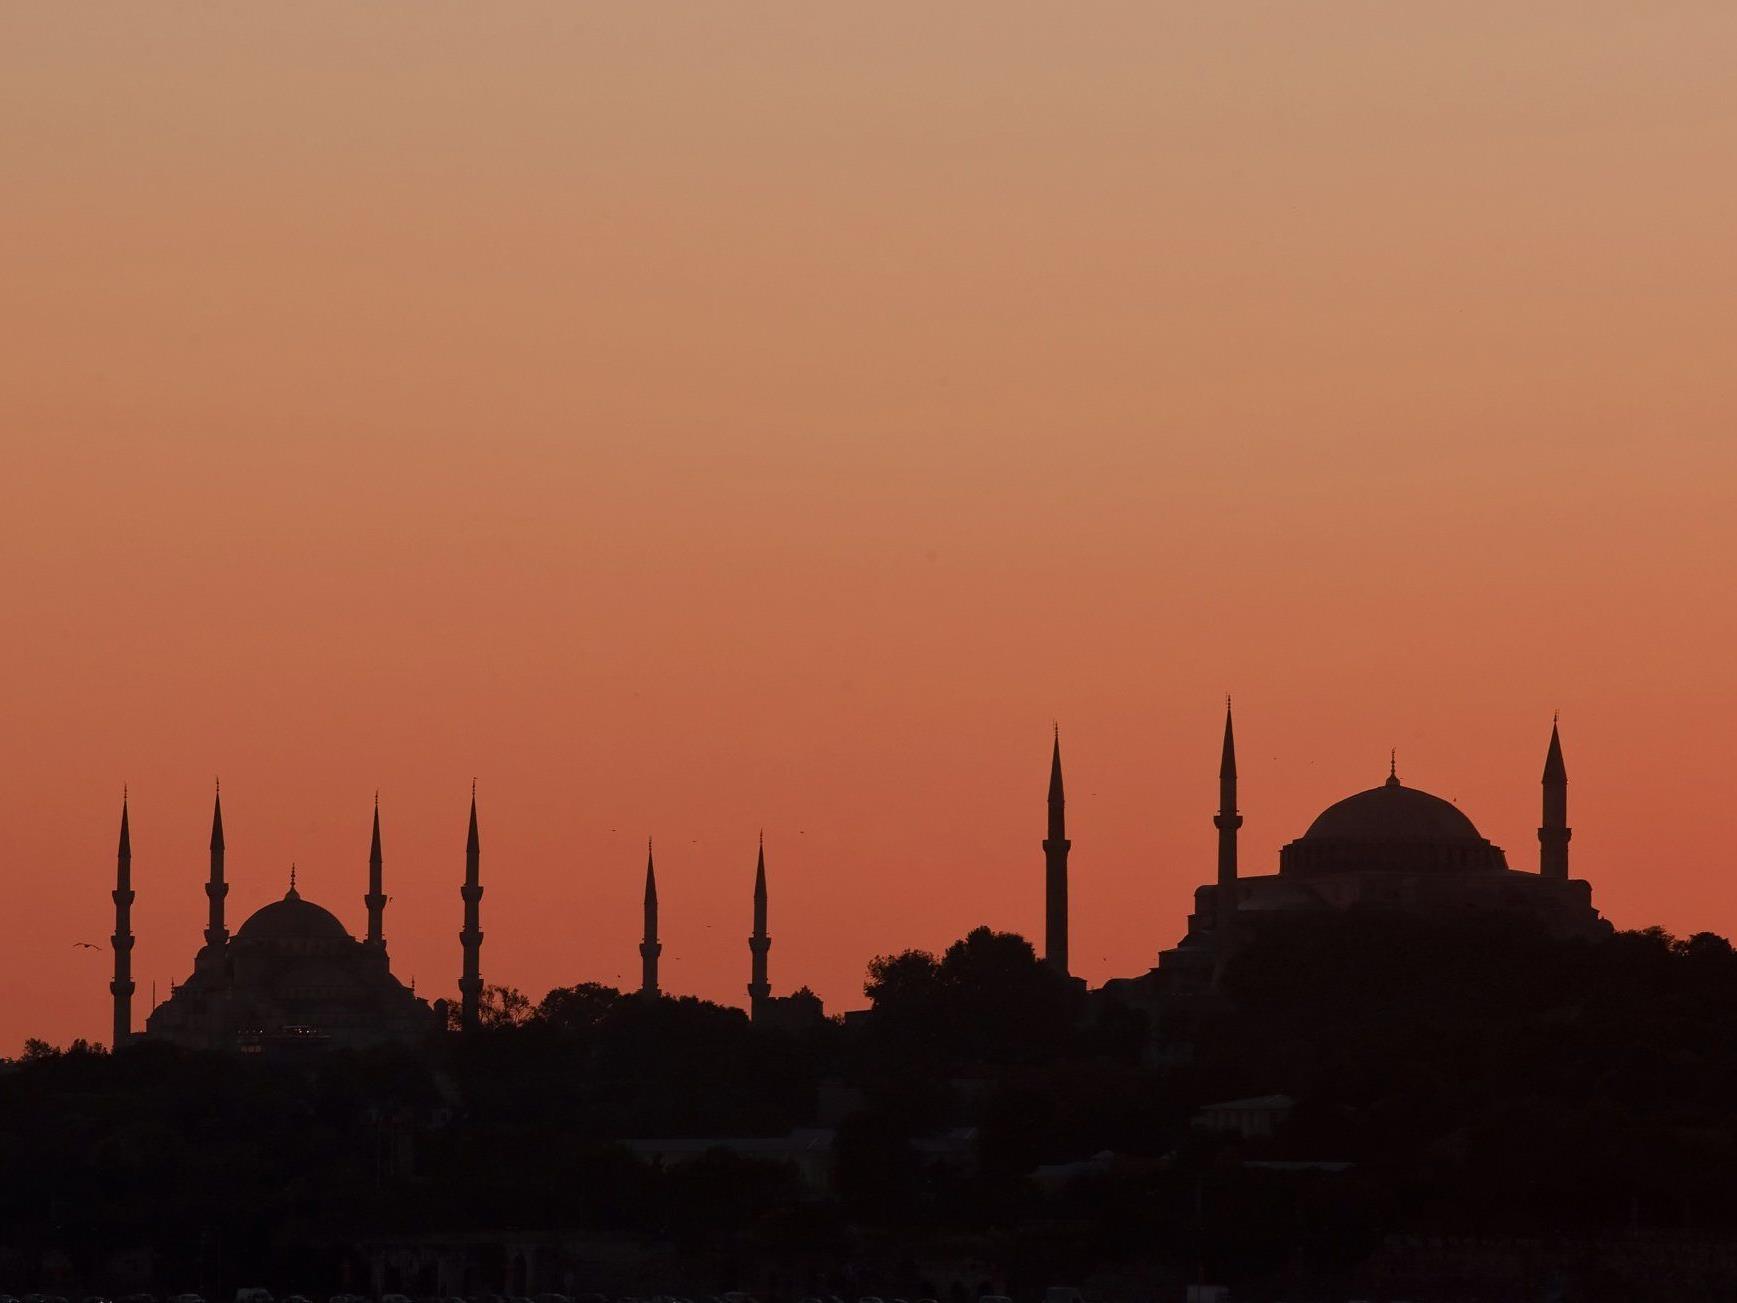 Bei der Explosion, die sich in der türkischen Hauptstadt Istanbul ereignete, wurden zehn Menschen verletzt.